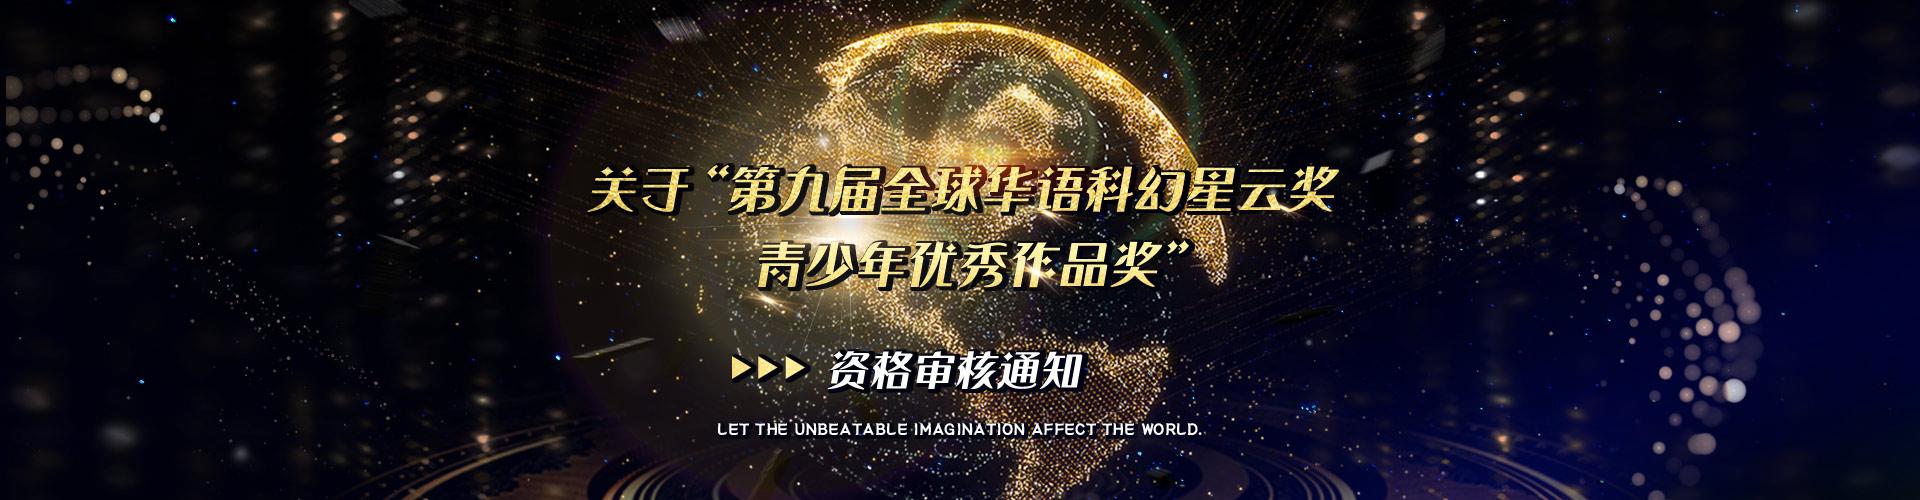 第九届全球华语科幻星云奖青少年优秀作品奖资格审核通知